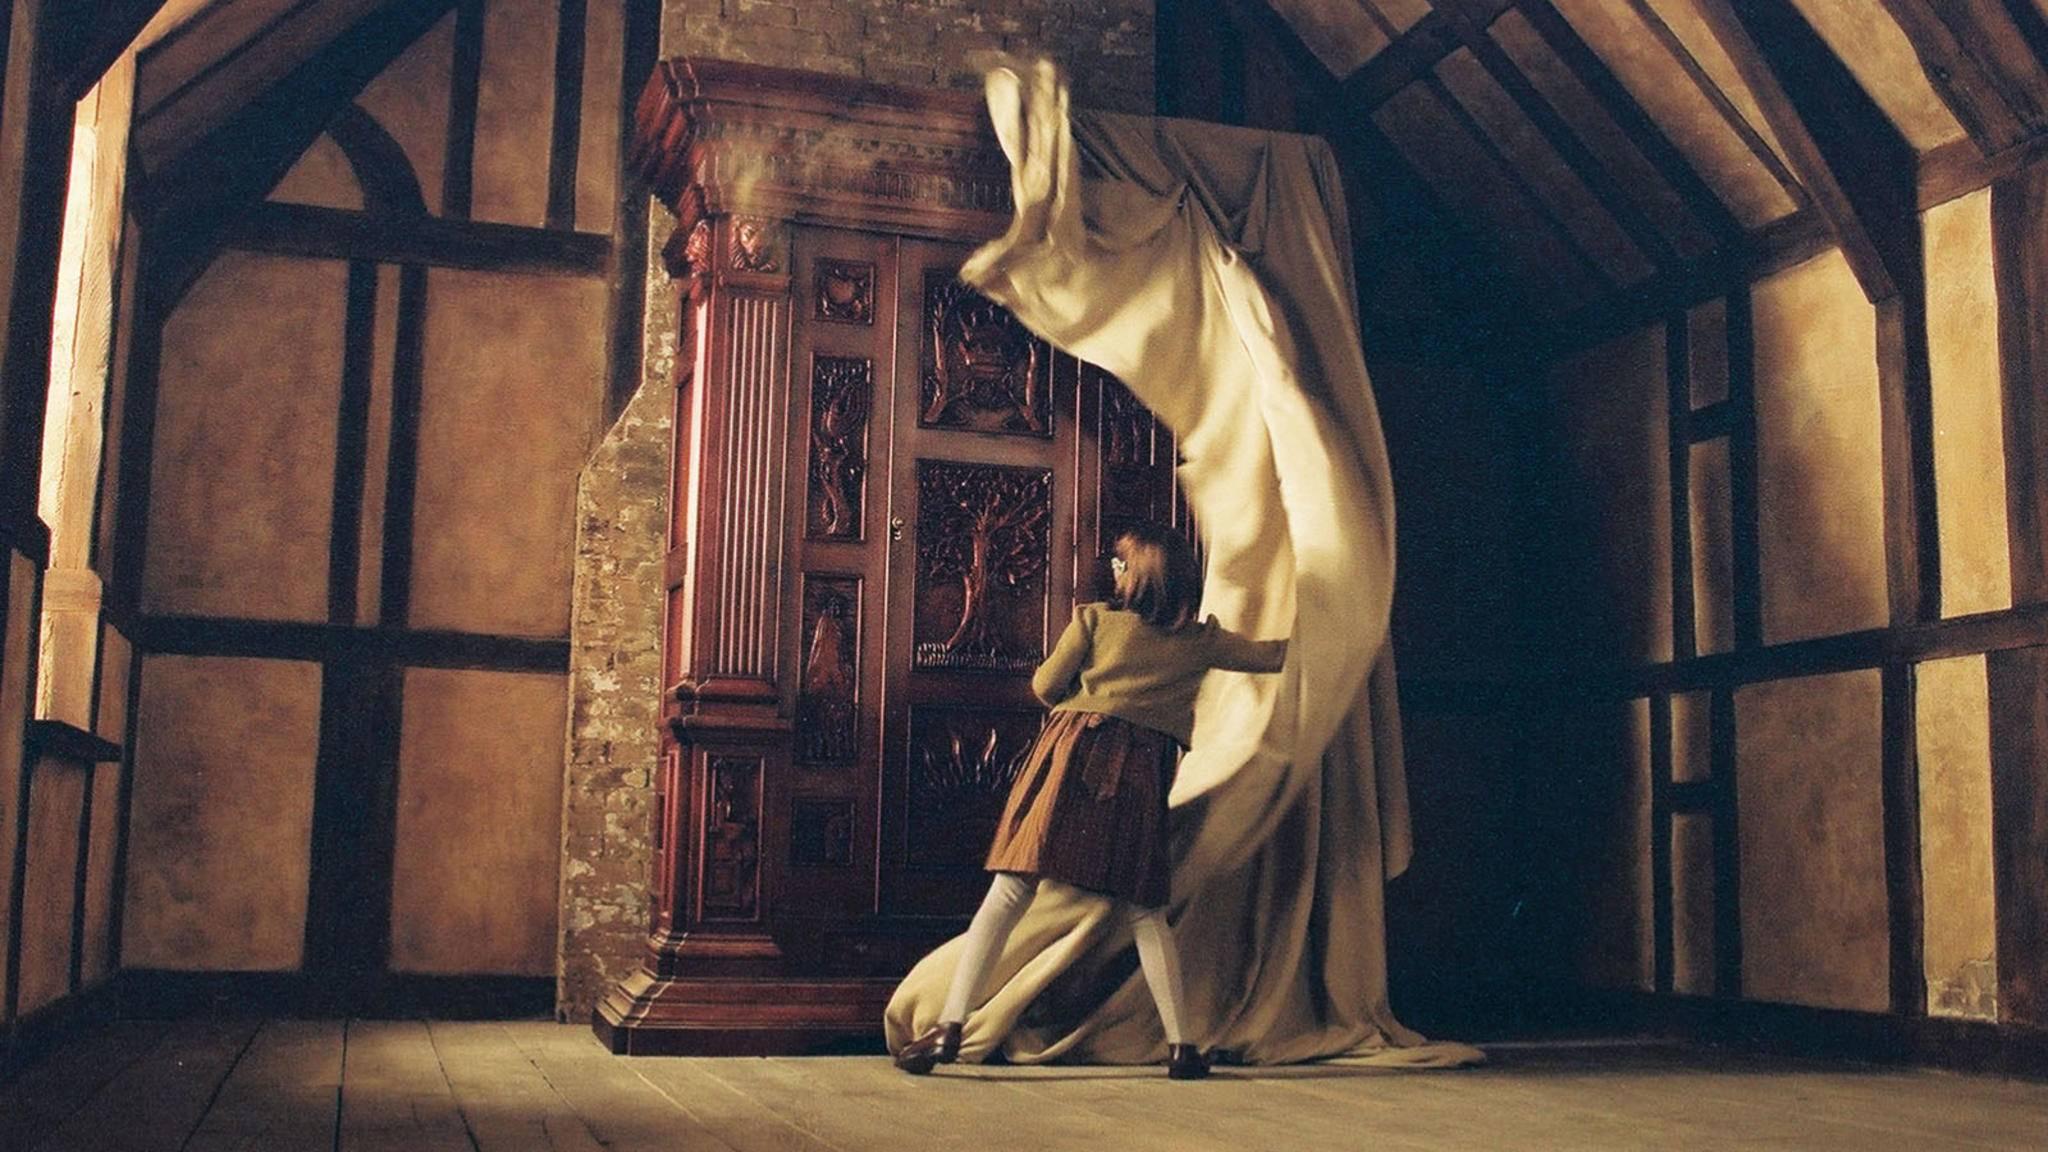 Das Portal zum Königreich Narnia verbirgt sich in einem Schrank.